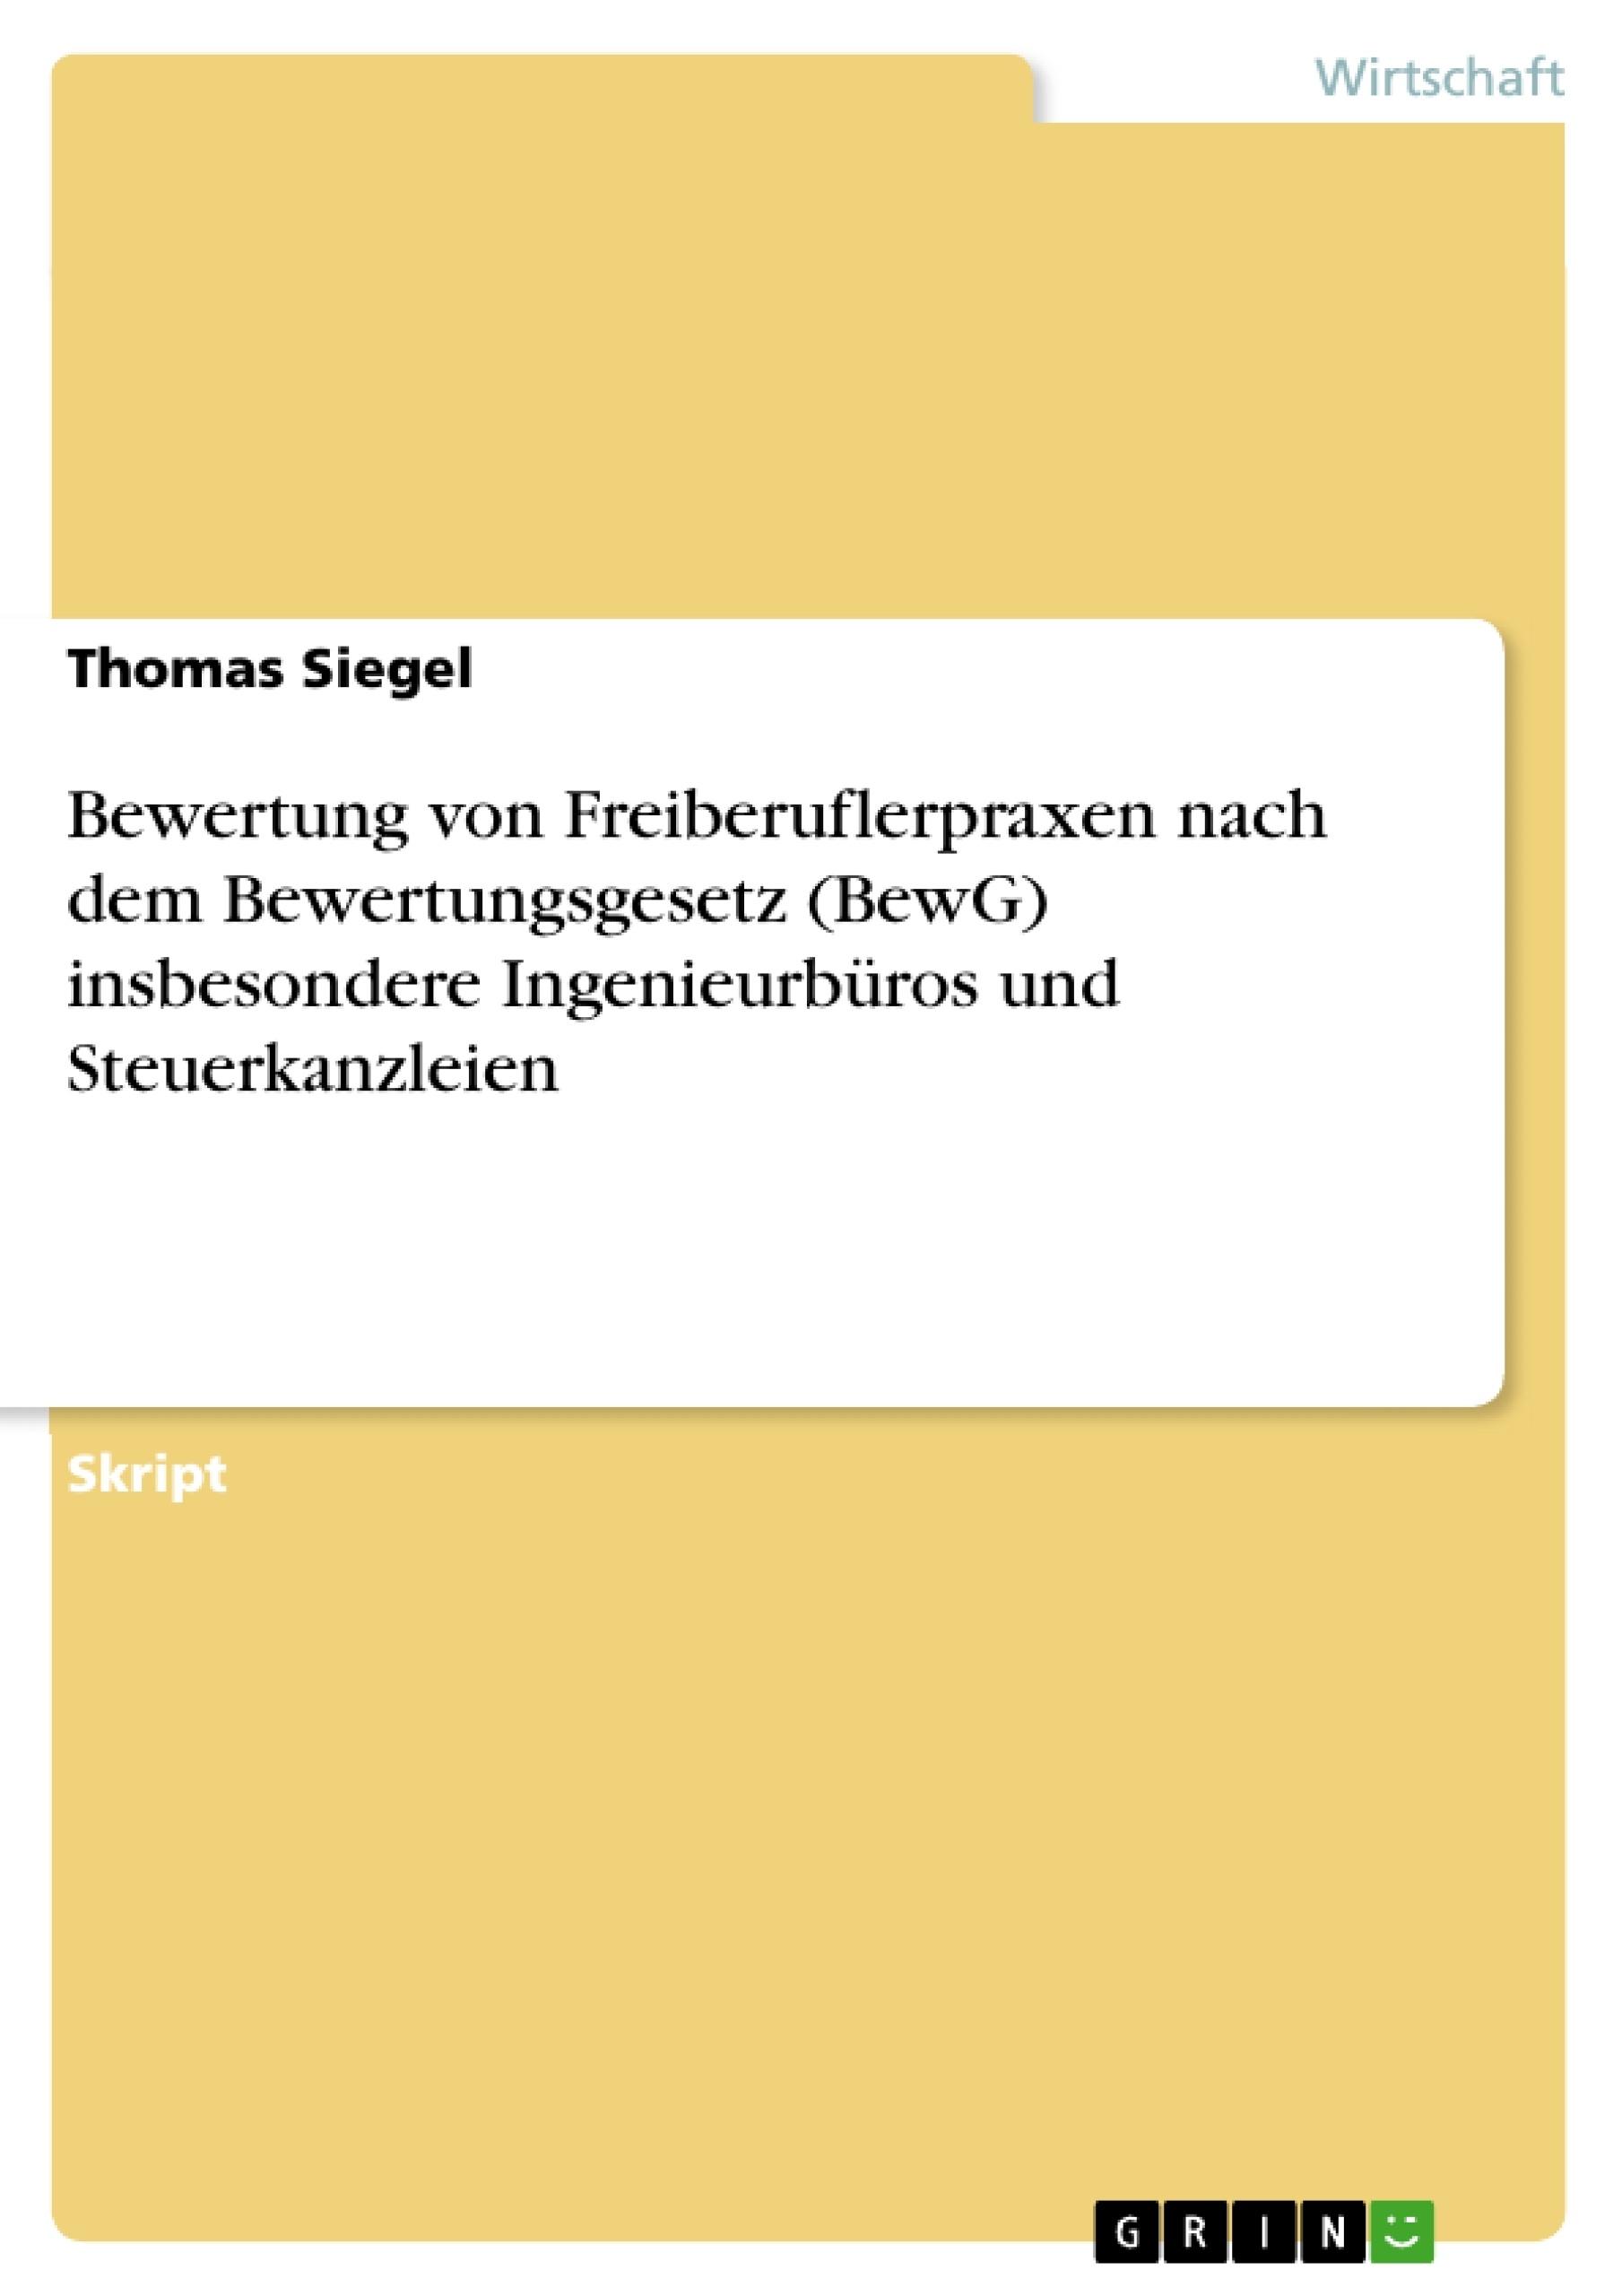 Titel: Bewertung von Freiberuflerpraxen nach dem Bewertungsgesetz (BewG) insbesondere Ingenieurbüros und Steuerkanzleien